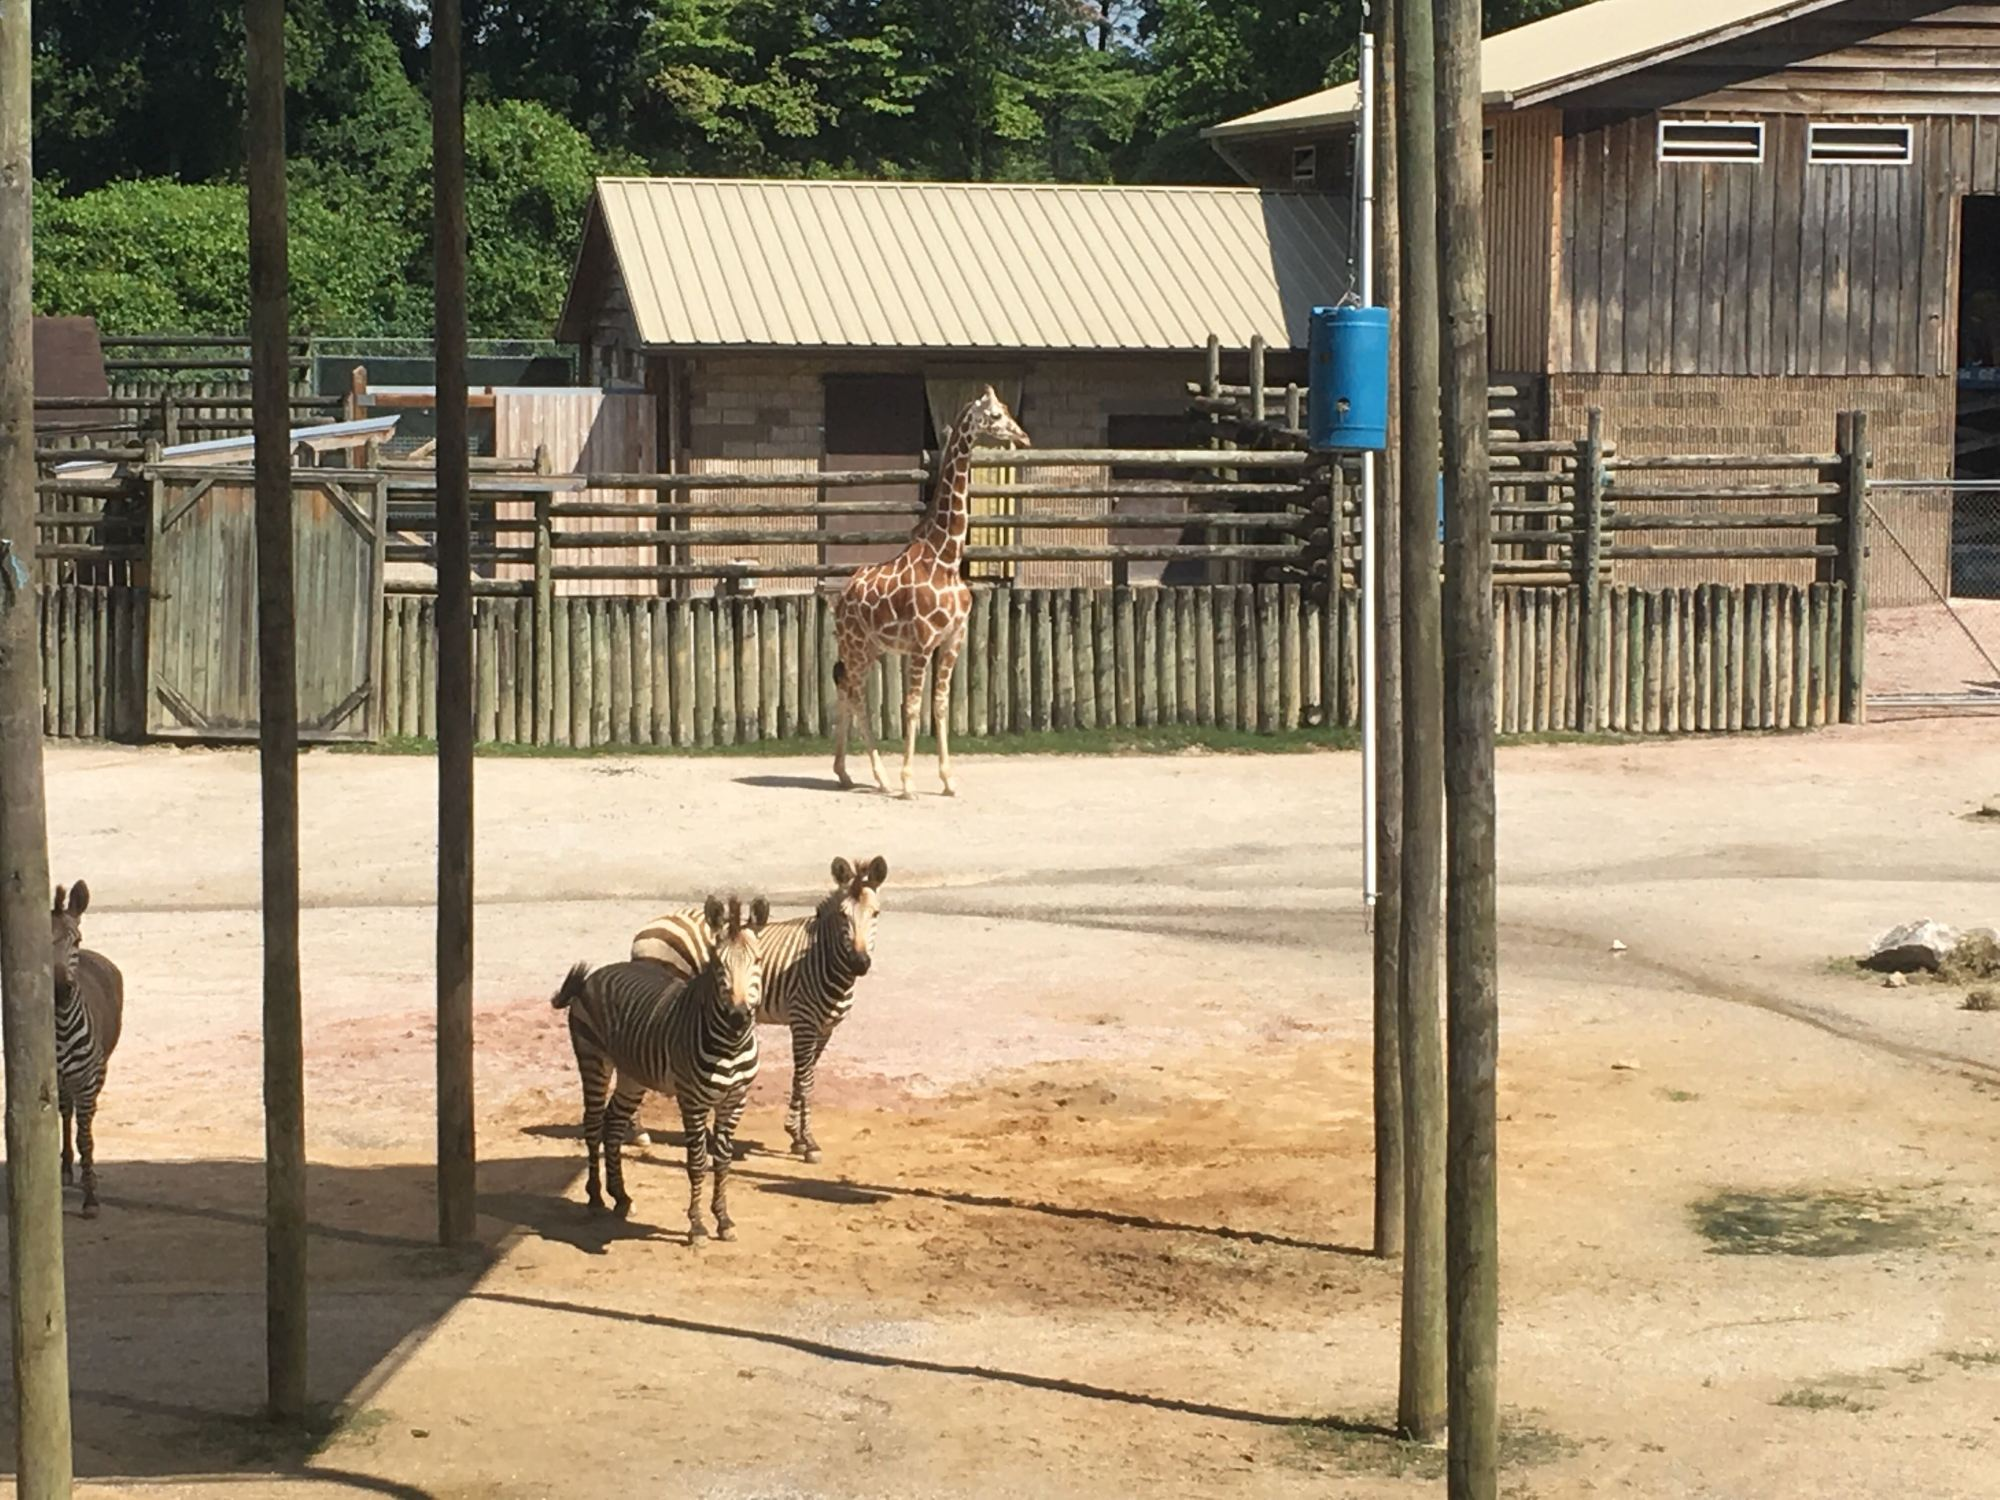 Zoo Knoxville pregnant giraffe Frances.